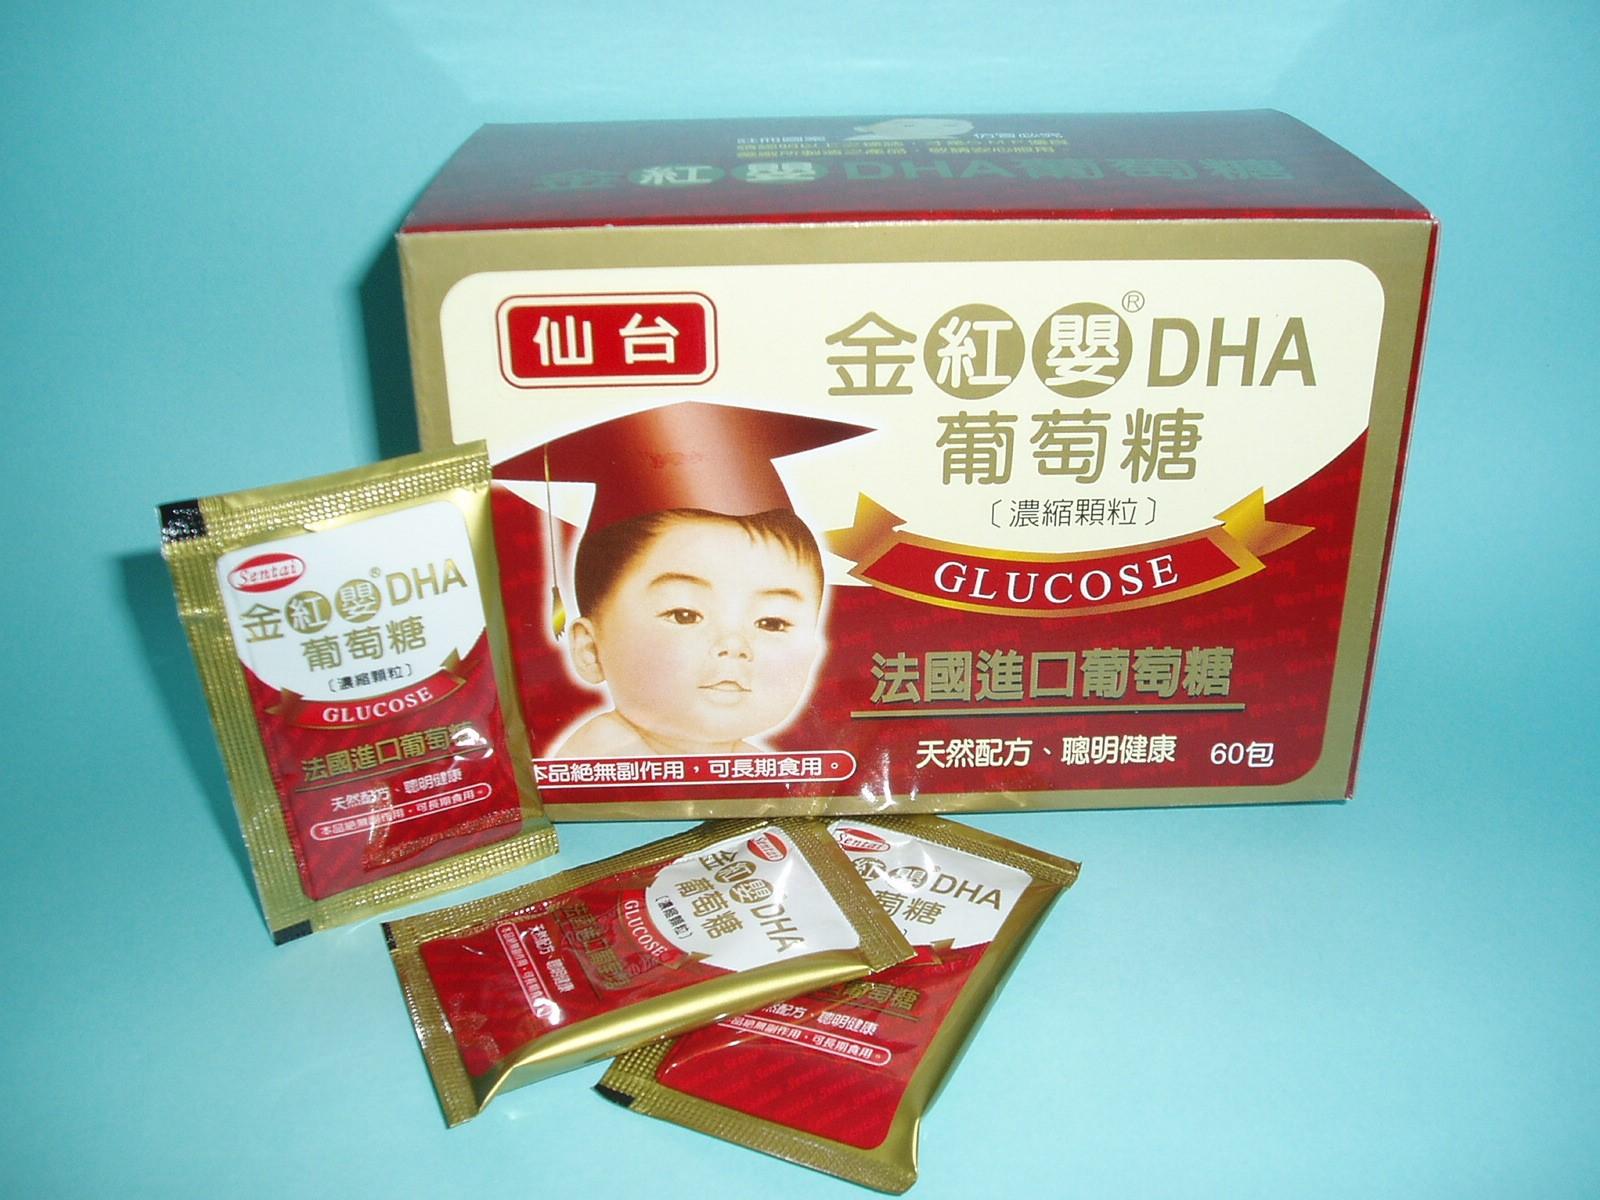 金紅嬰葡萄糖粉